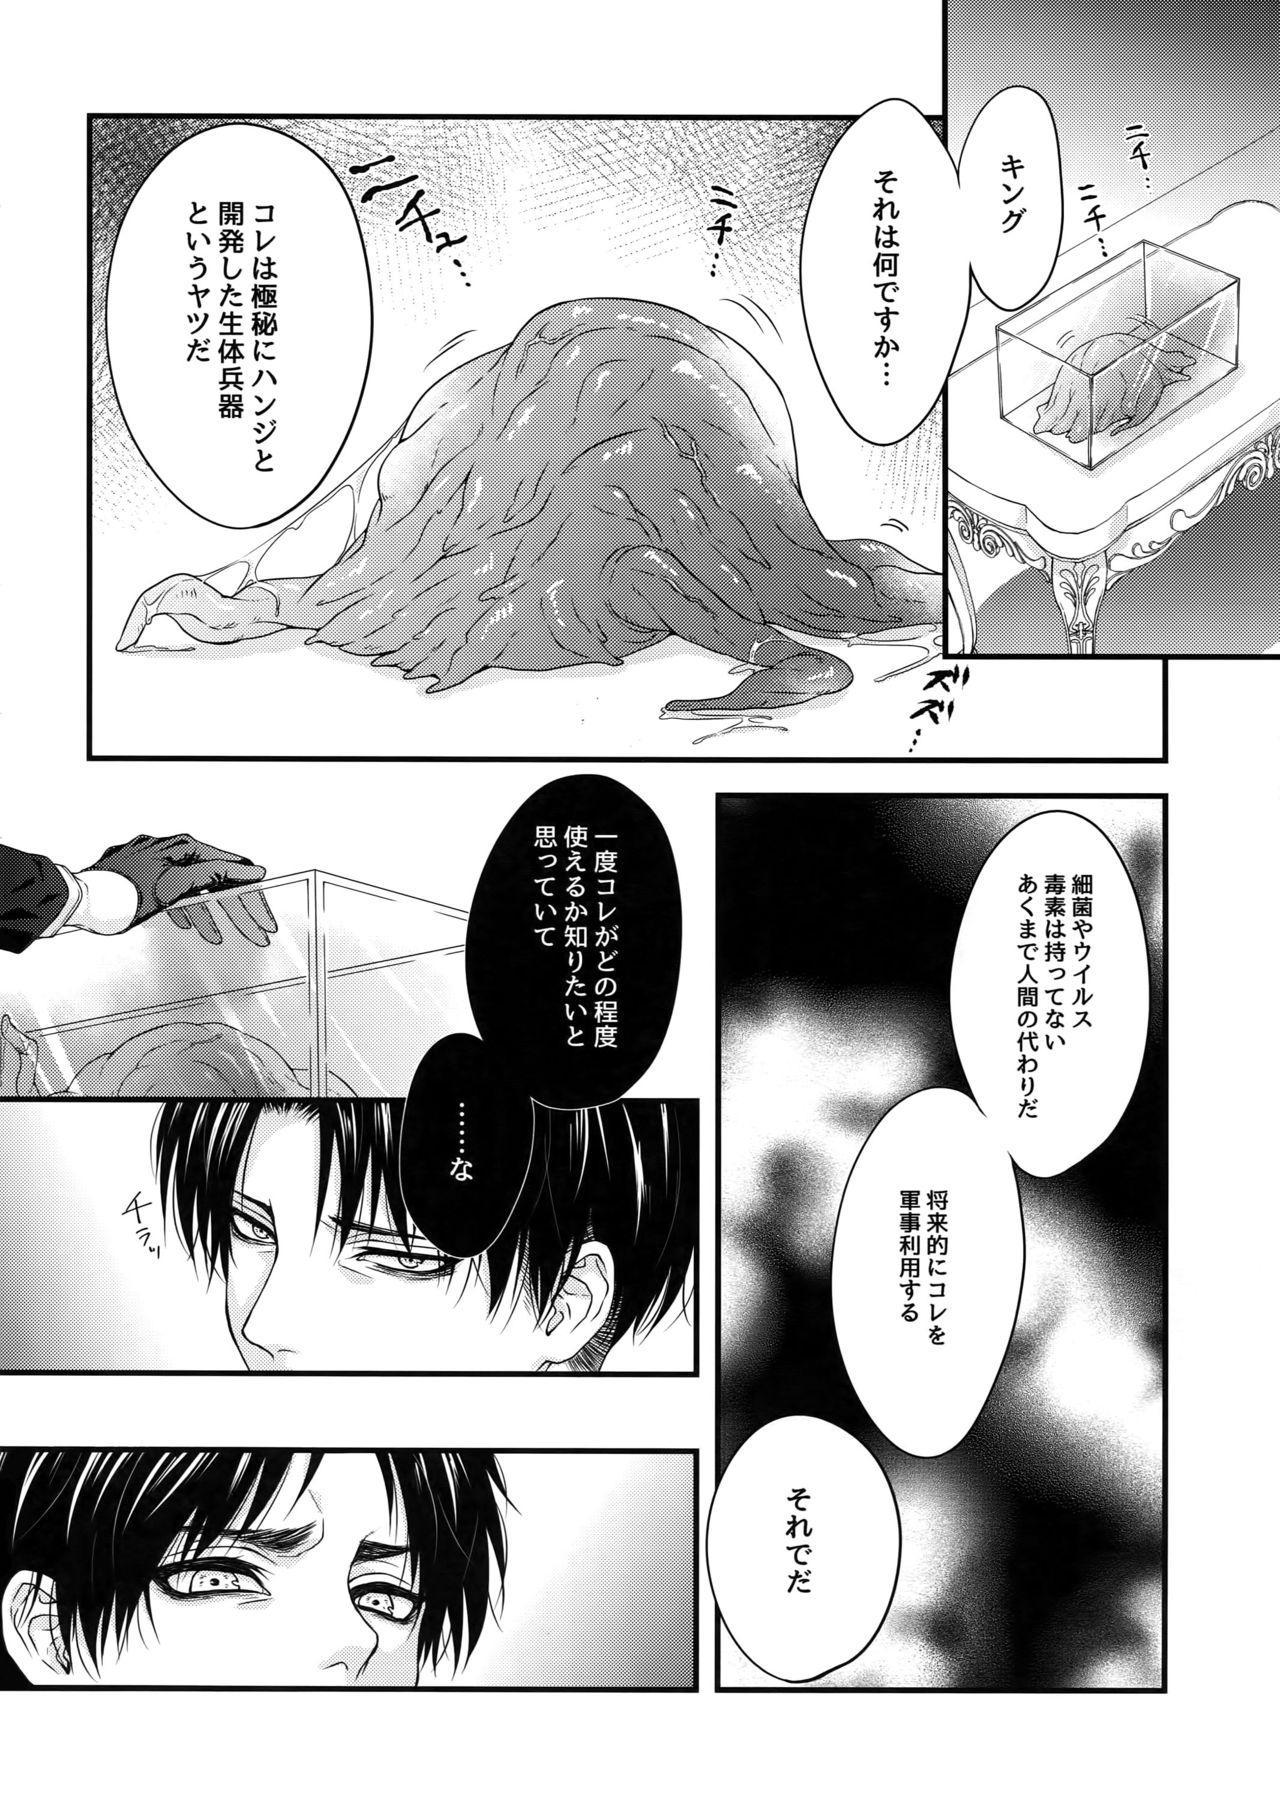 Shinshoku 6